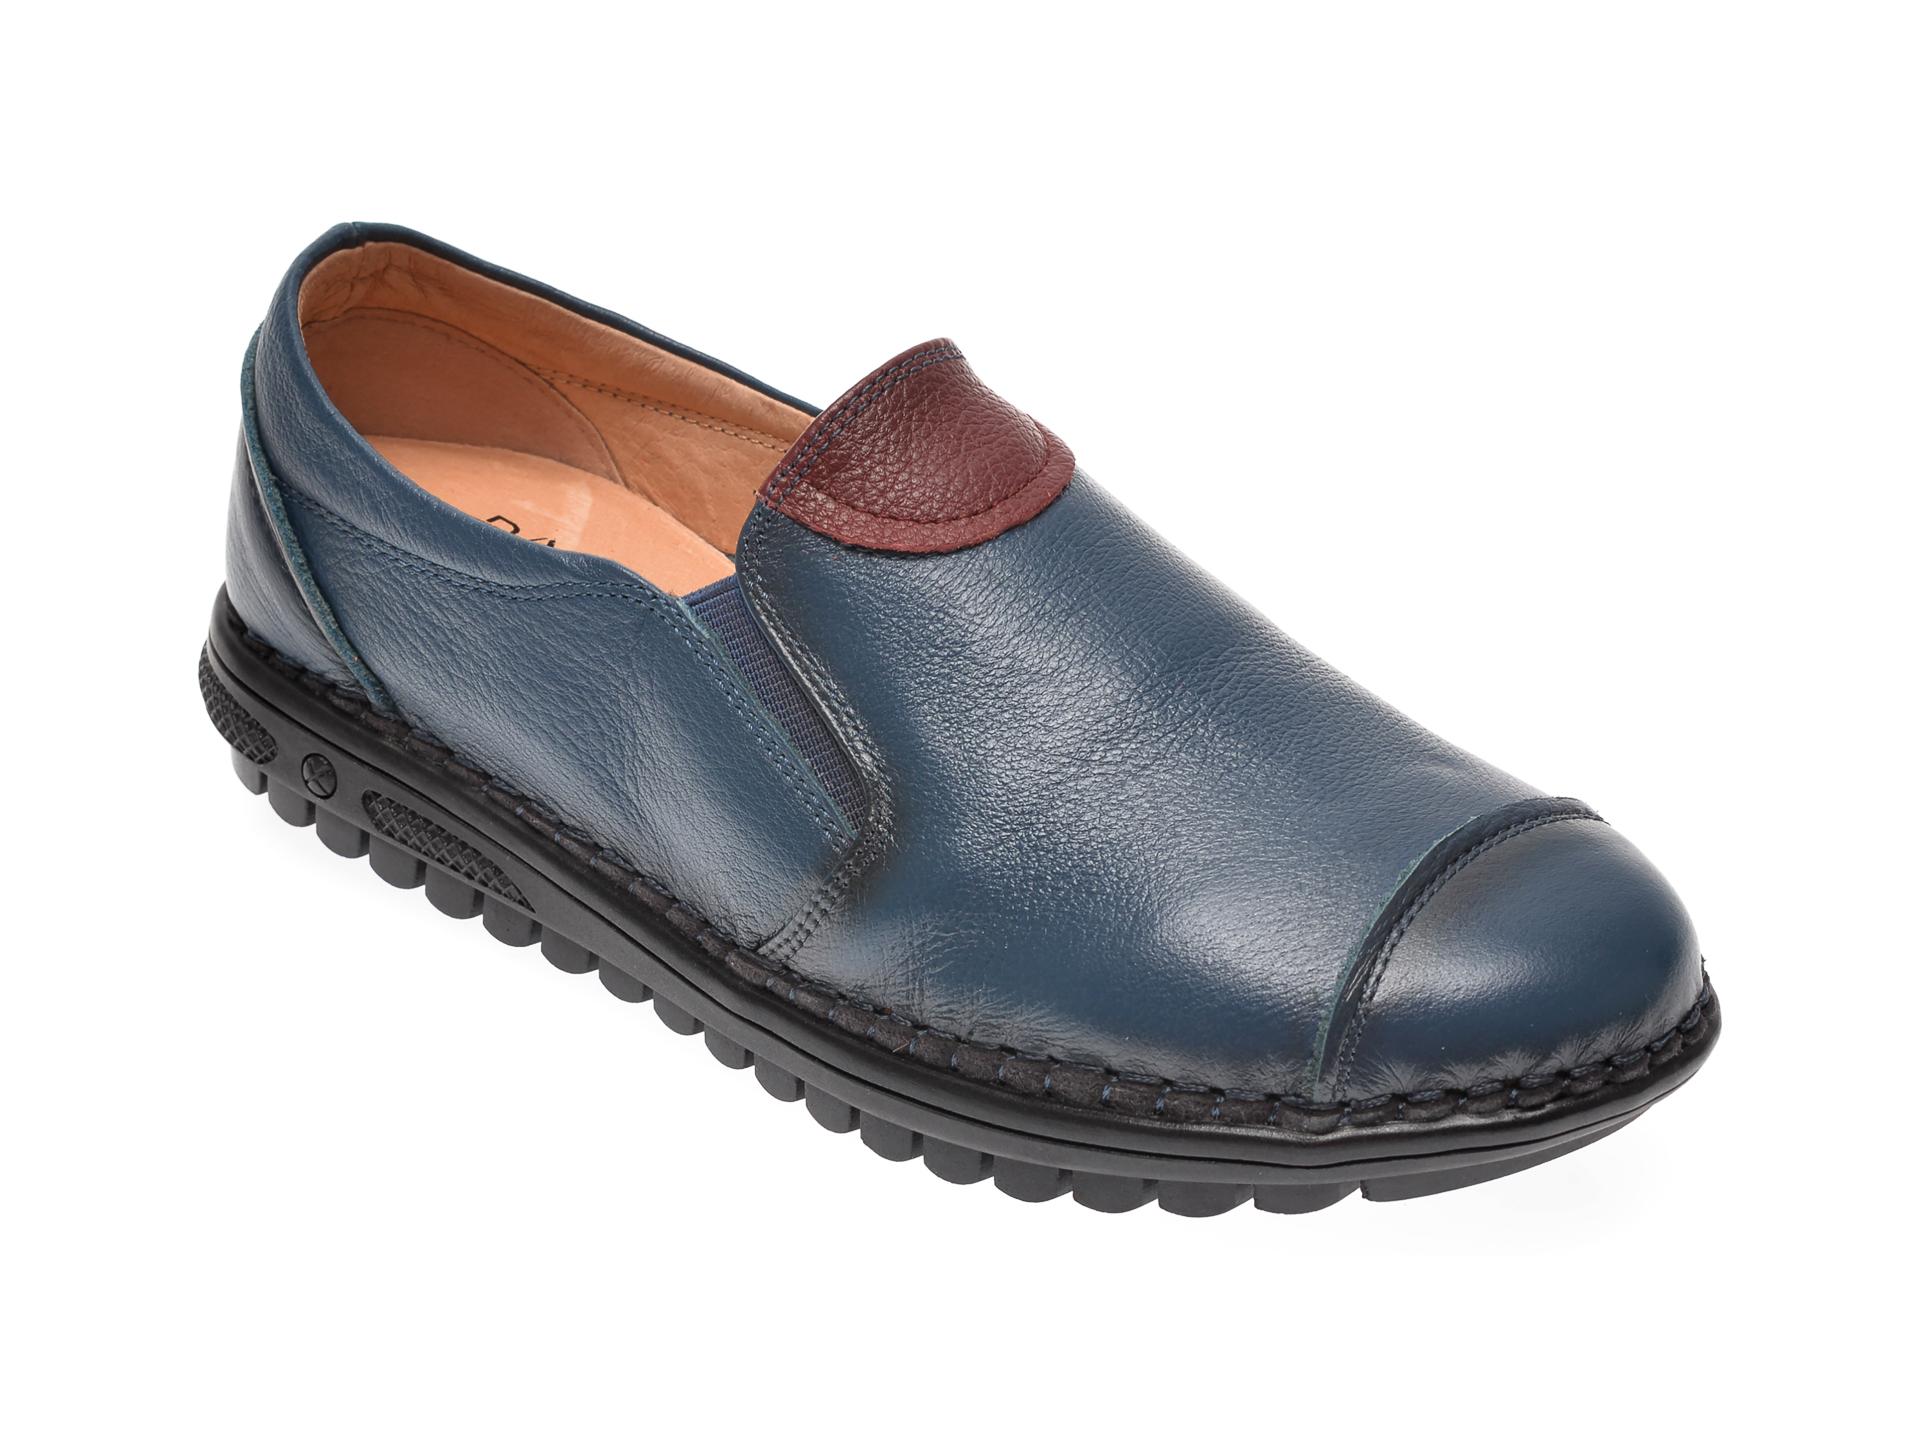 Pantofi PASS COLLECTION bleumarin, T7766, din piele naturala